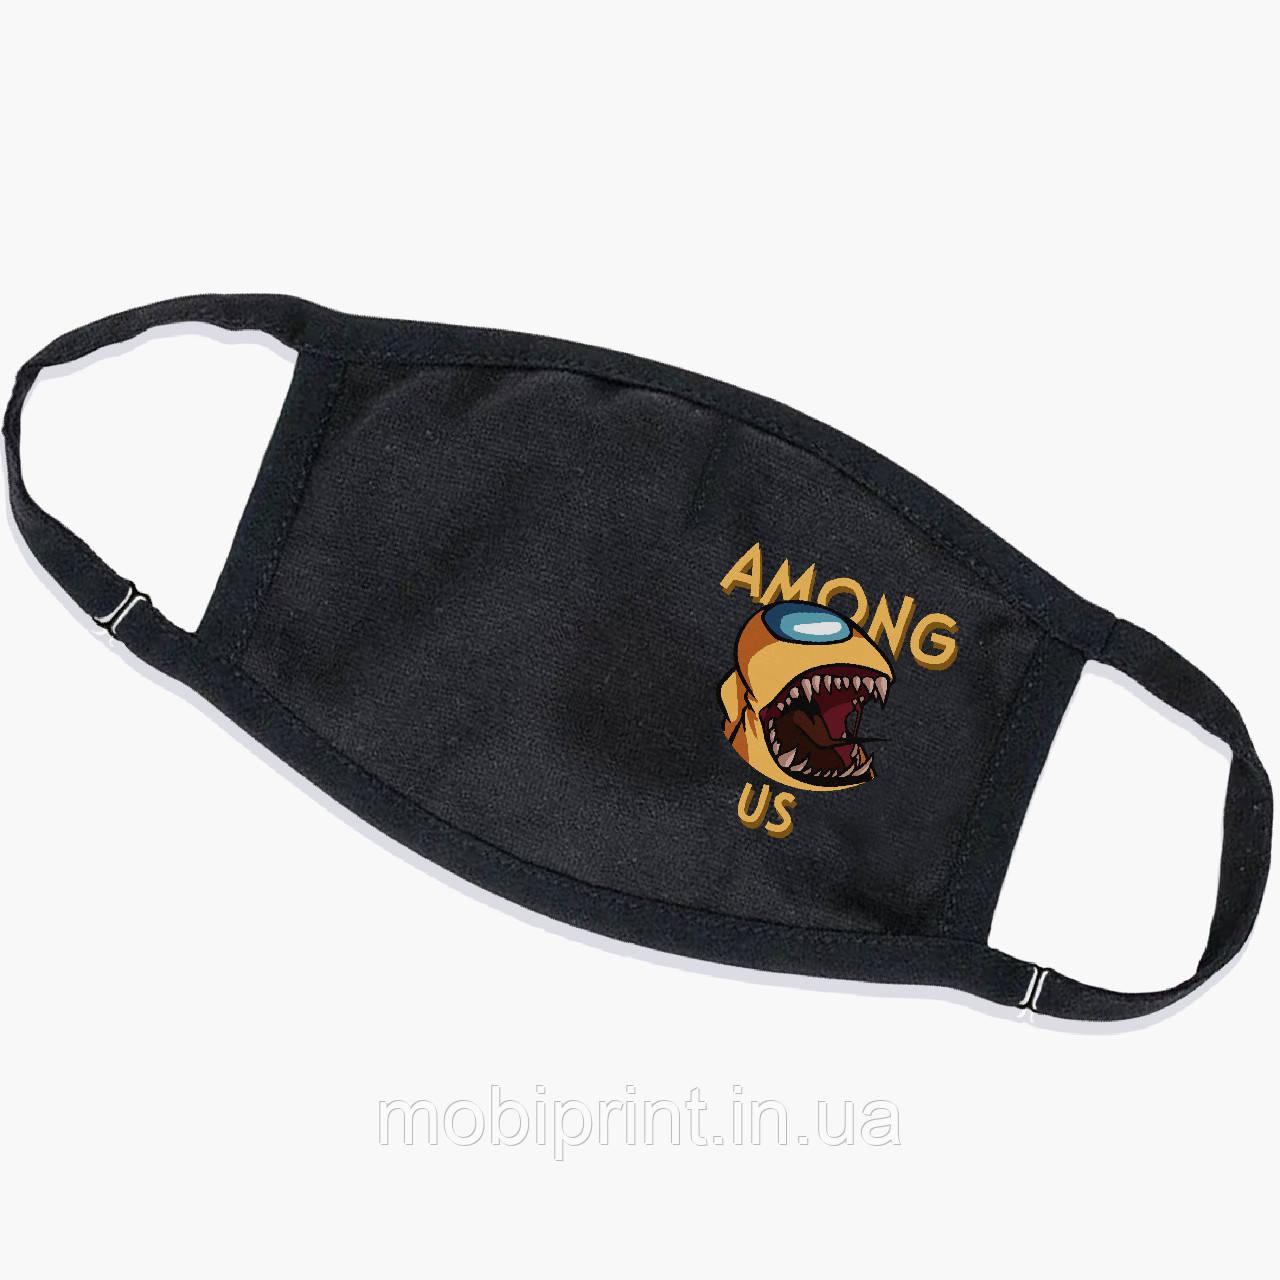 Багаторазова маска Амонг Ас Жовтий (Among Us Yellow) (9259-2409) тканинна для дітей і дорослих захисна